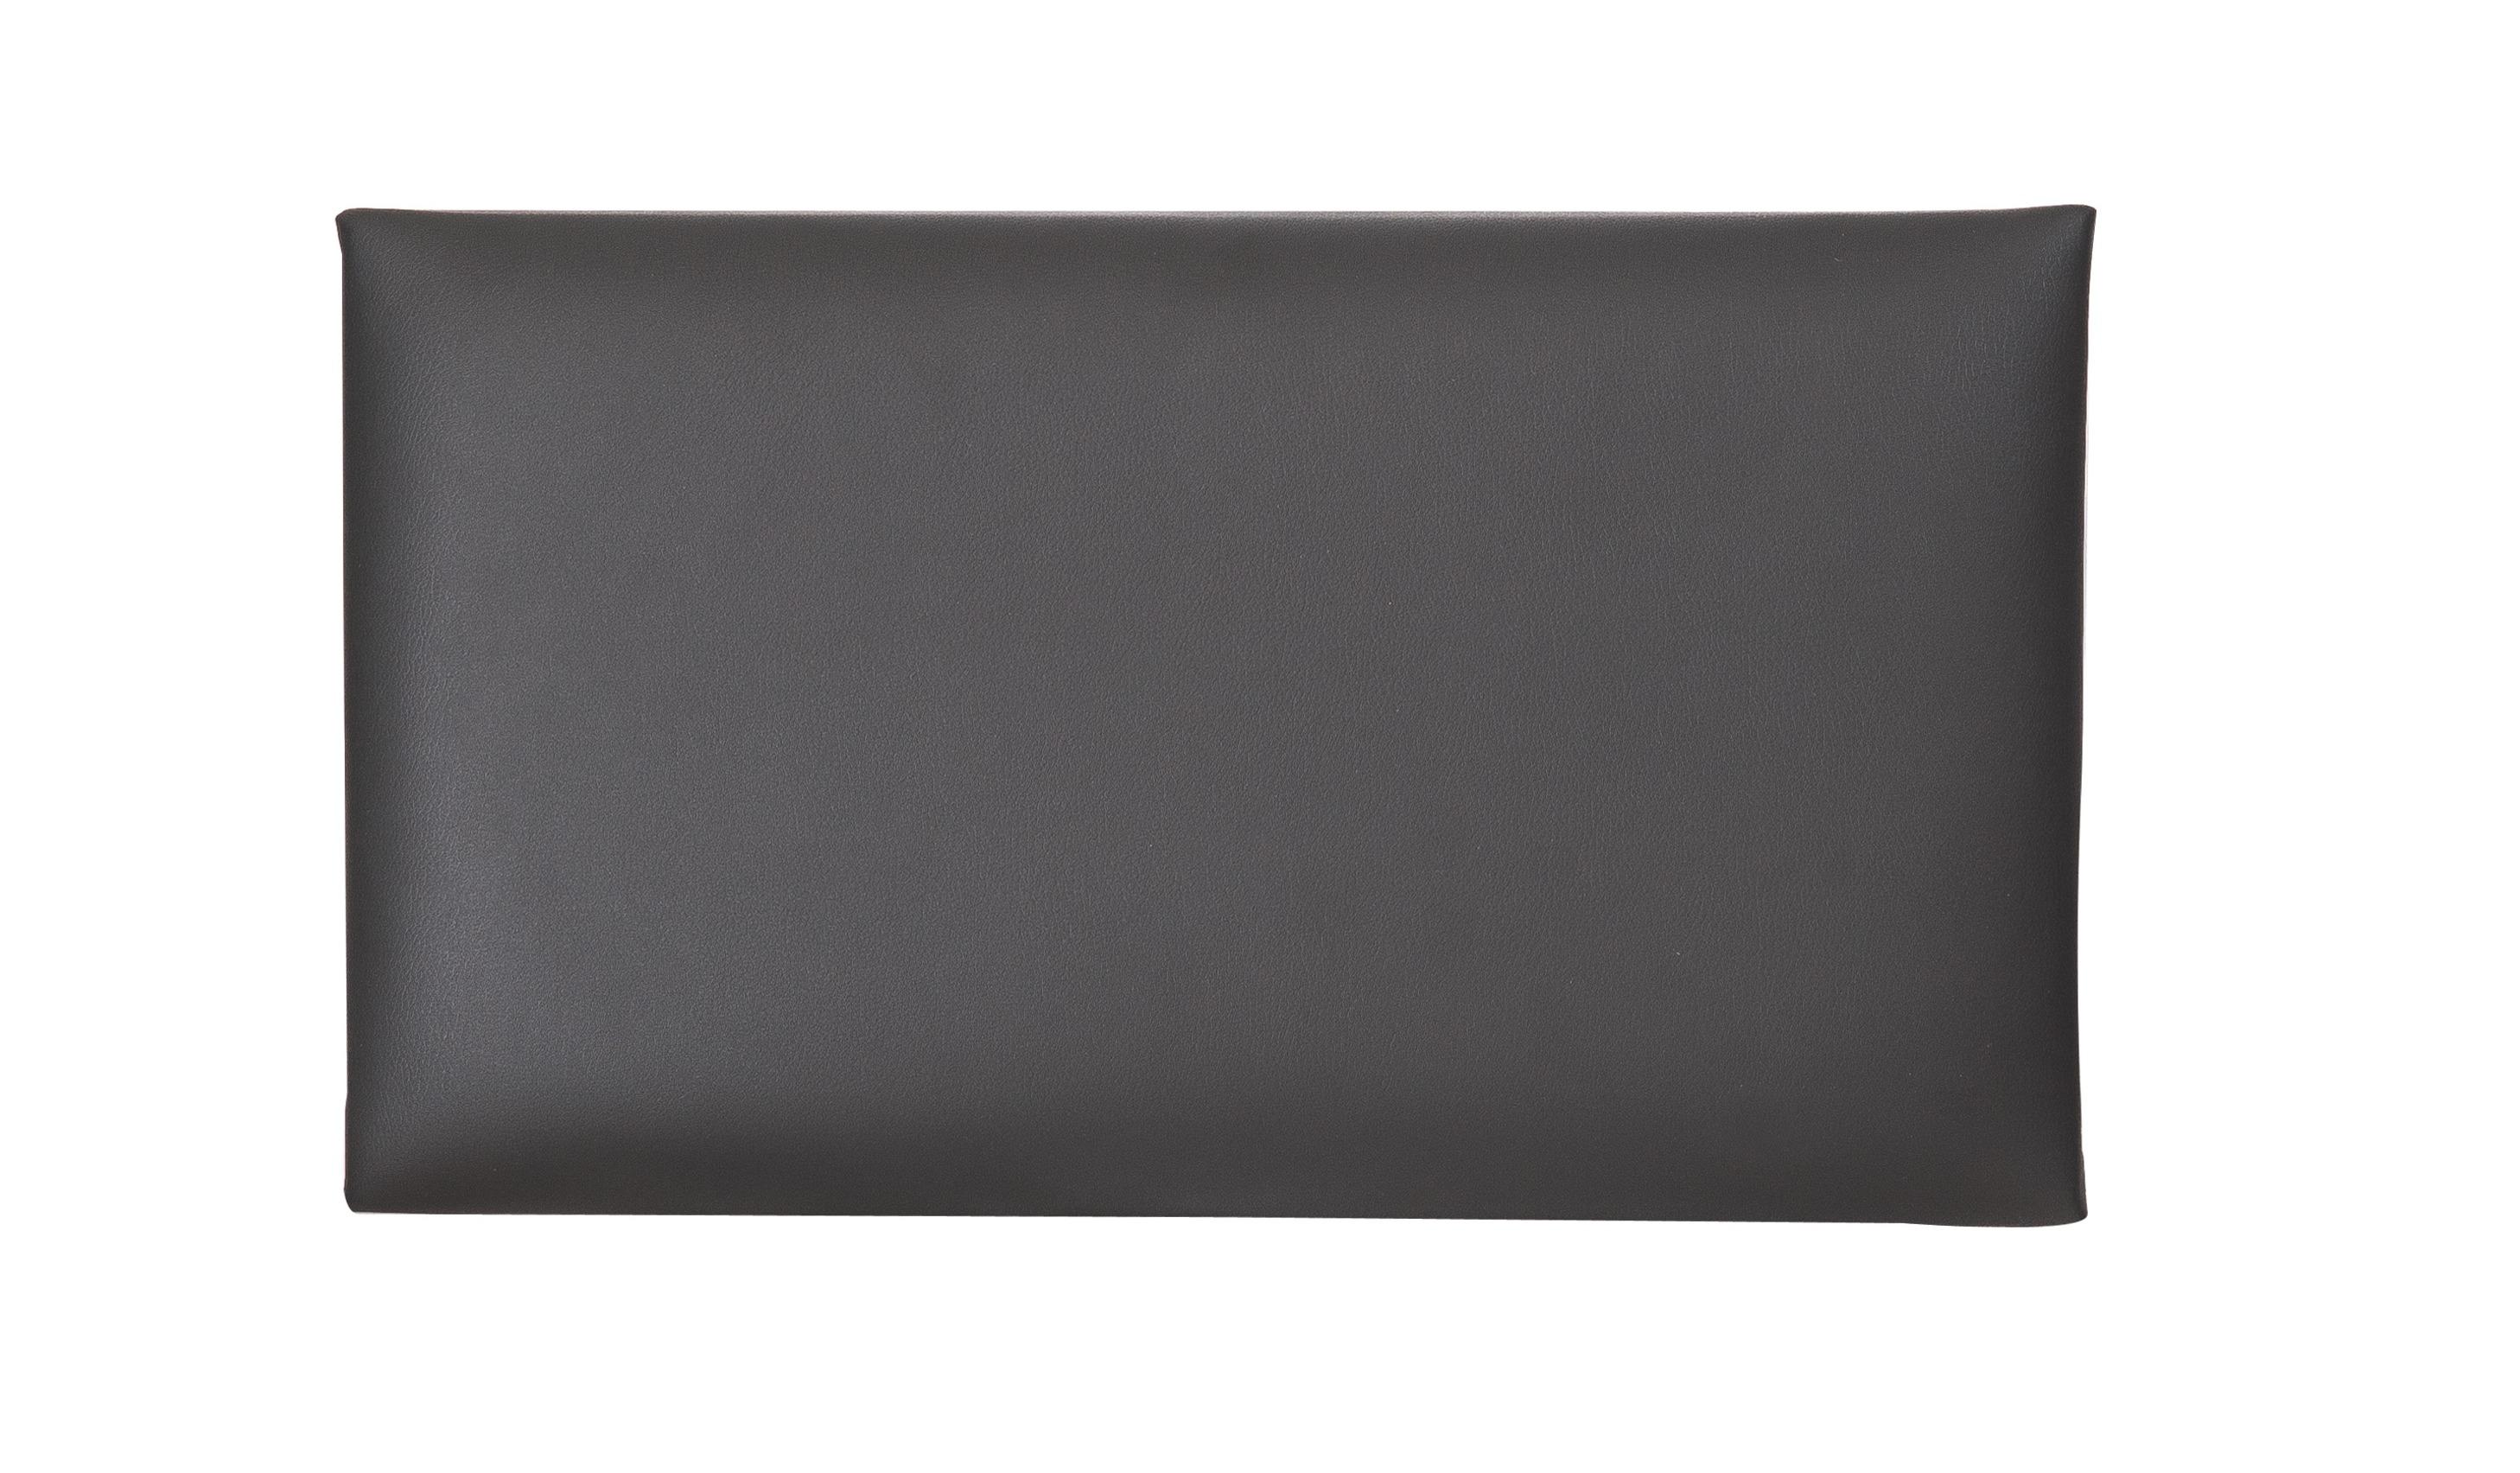 Image of   K&M sædepolster til 13700 > 13751, sort kunstlæder